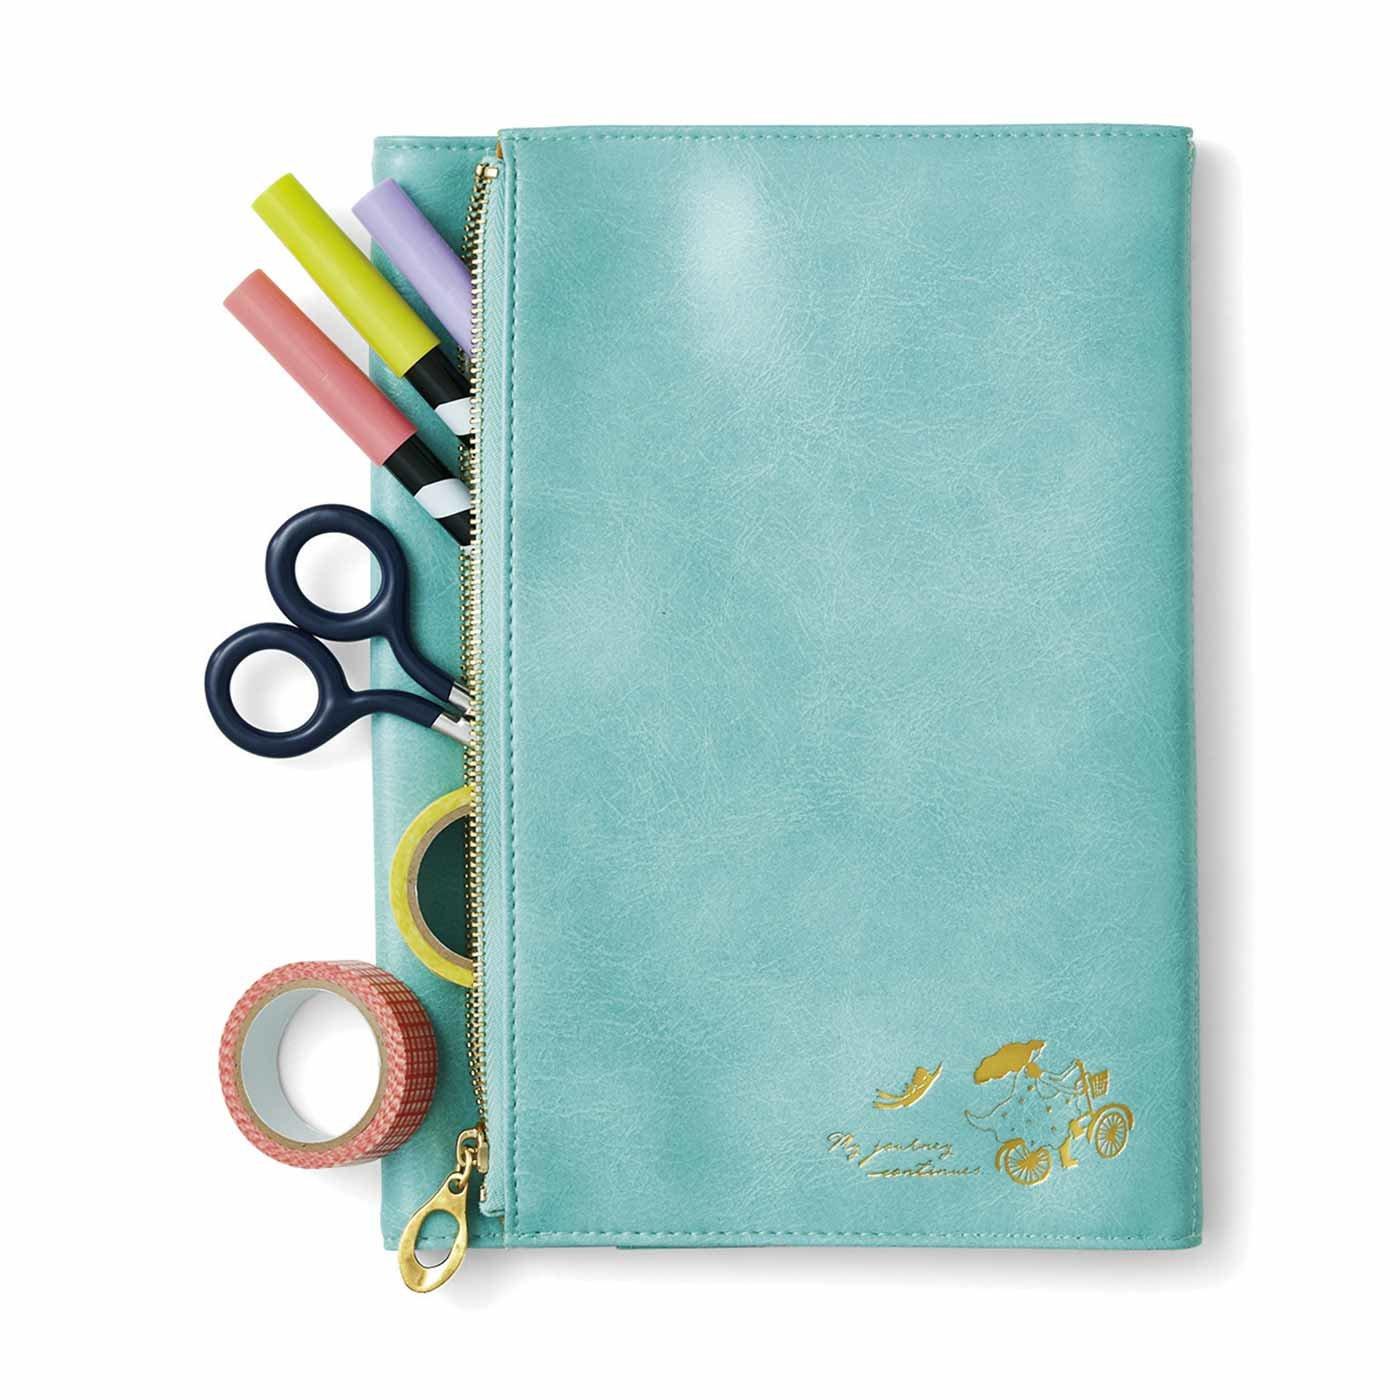 HAPPY DIARY(ハッピー ダイアリー) 幅広ポケットで収納おまかせ スケジュール帳カバー